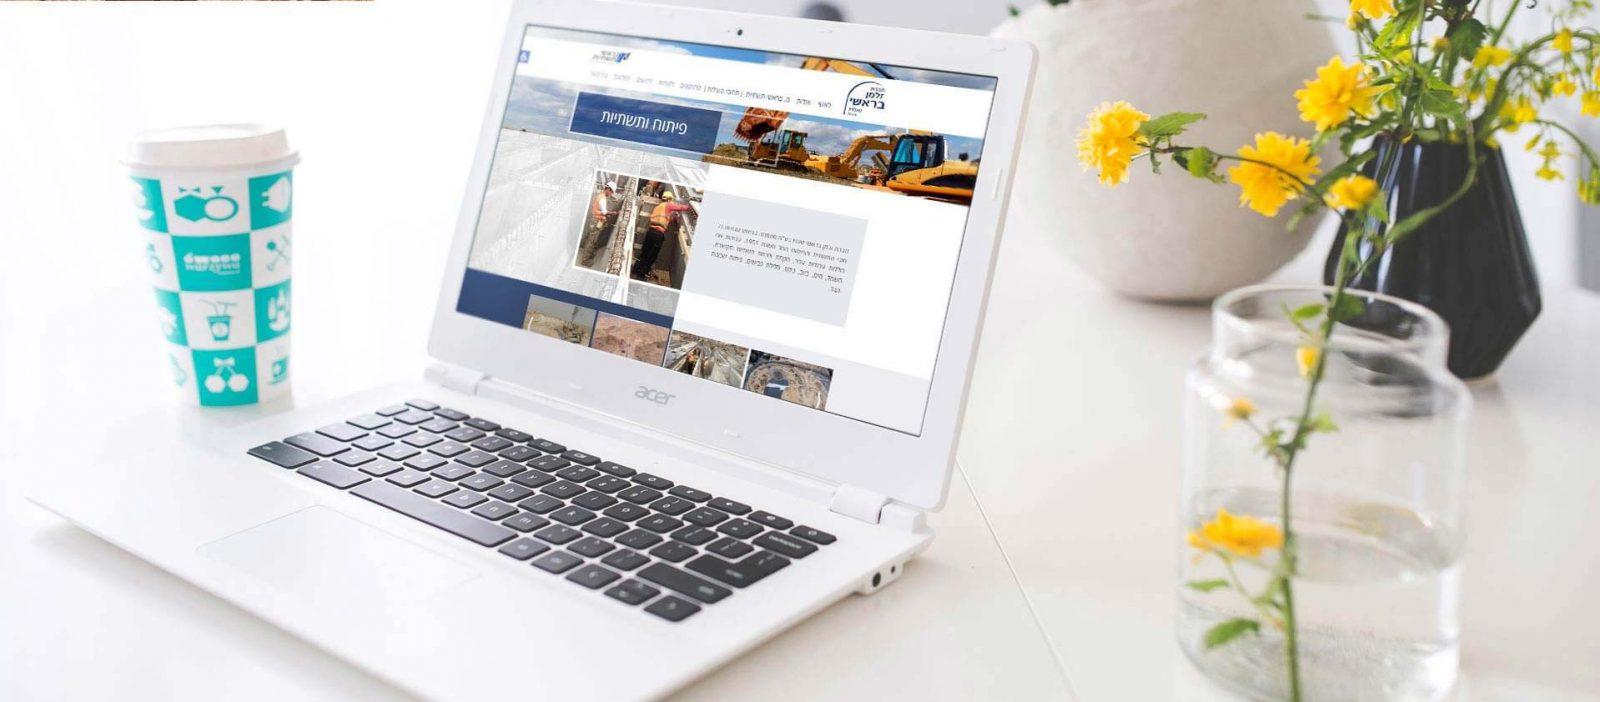 פרויקט בניית אתר: בראשי | עיצוב אתר תדמית